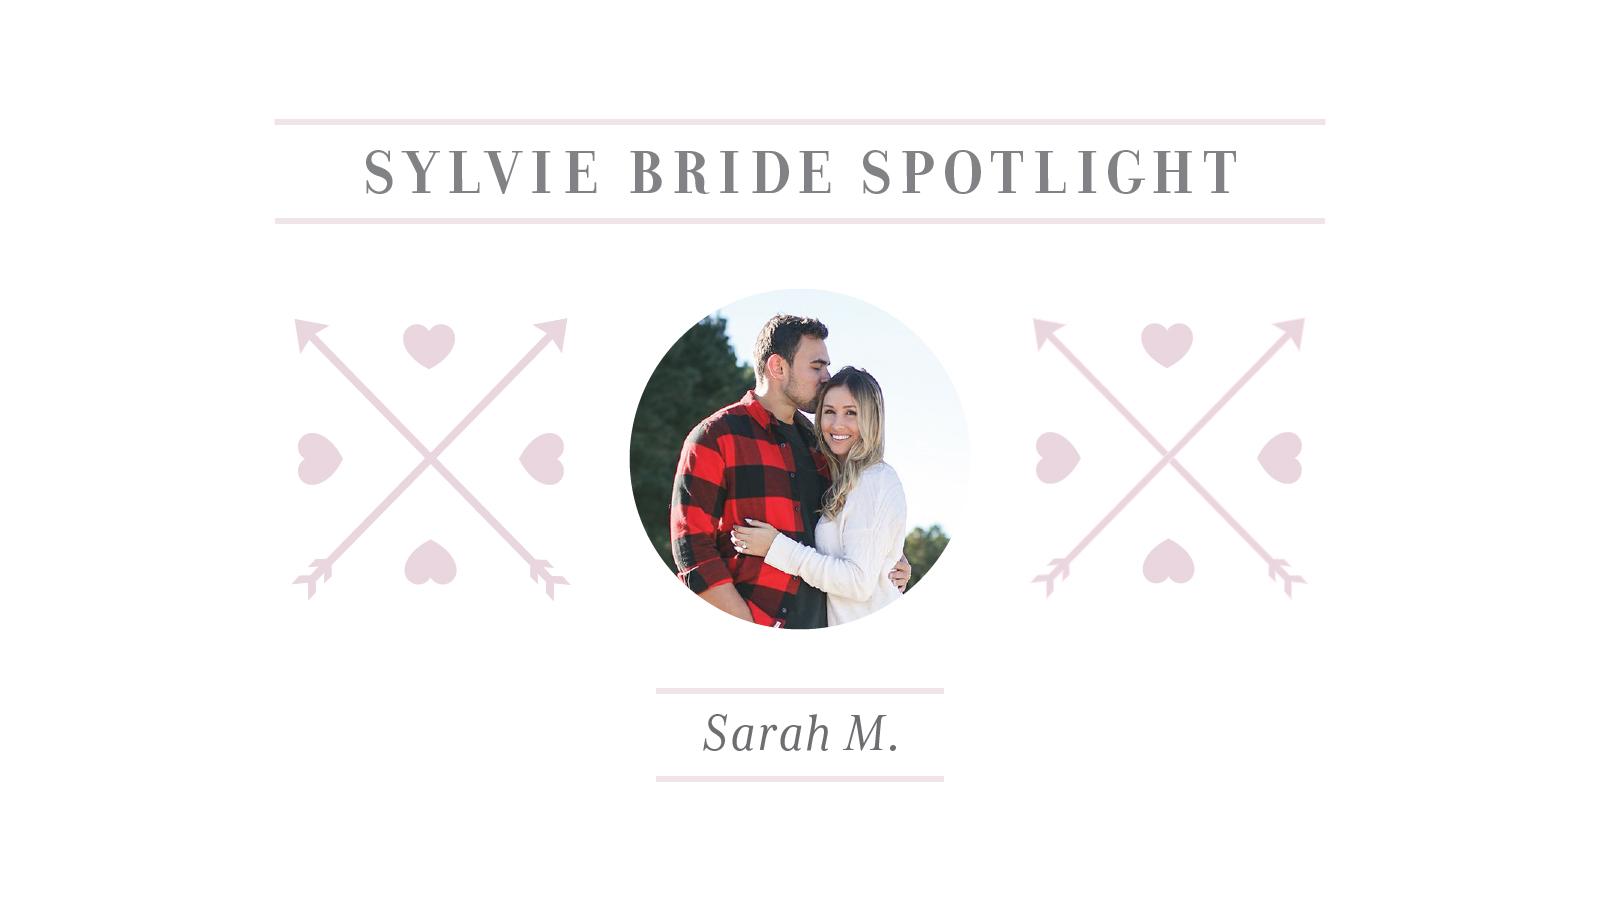 Sylvie Bride Spotlight - SarahM